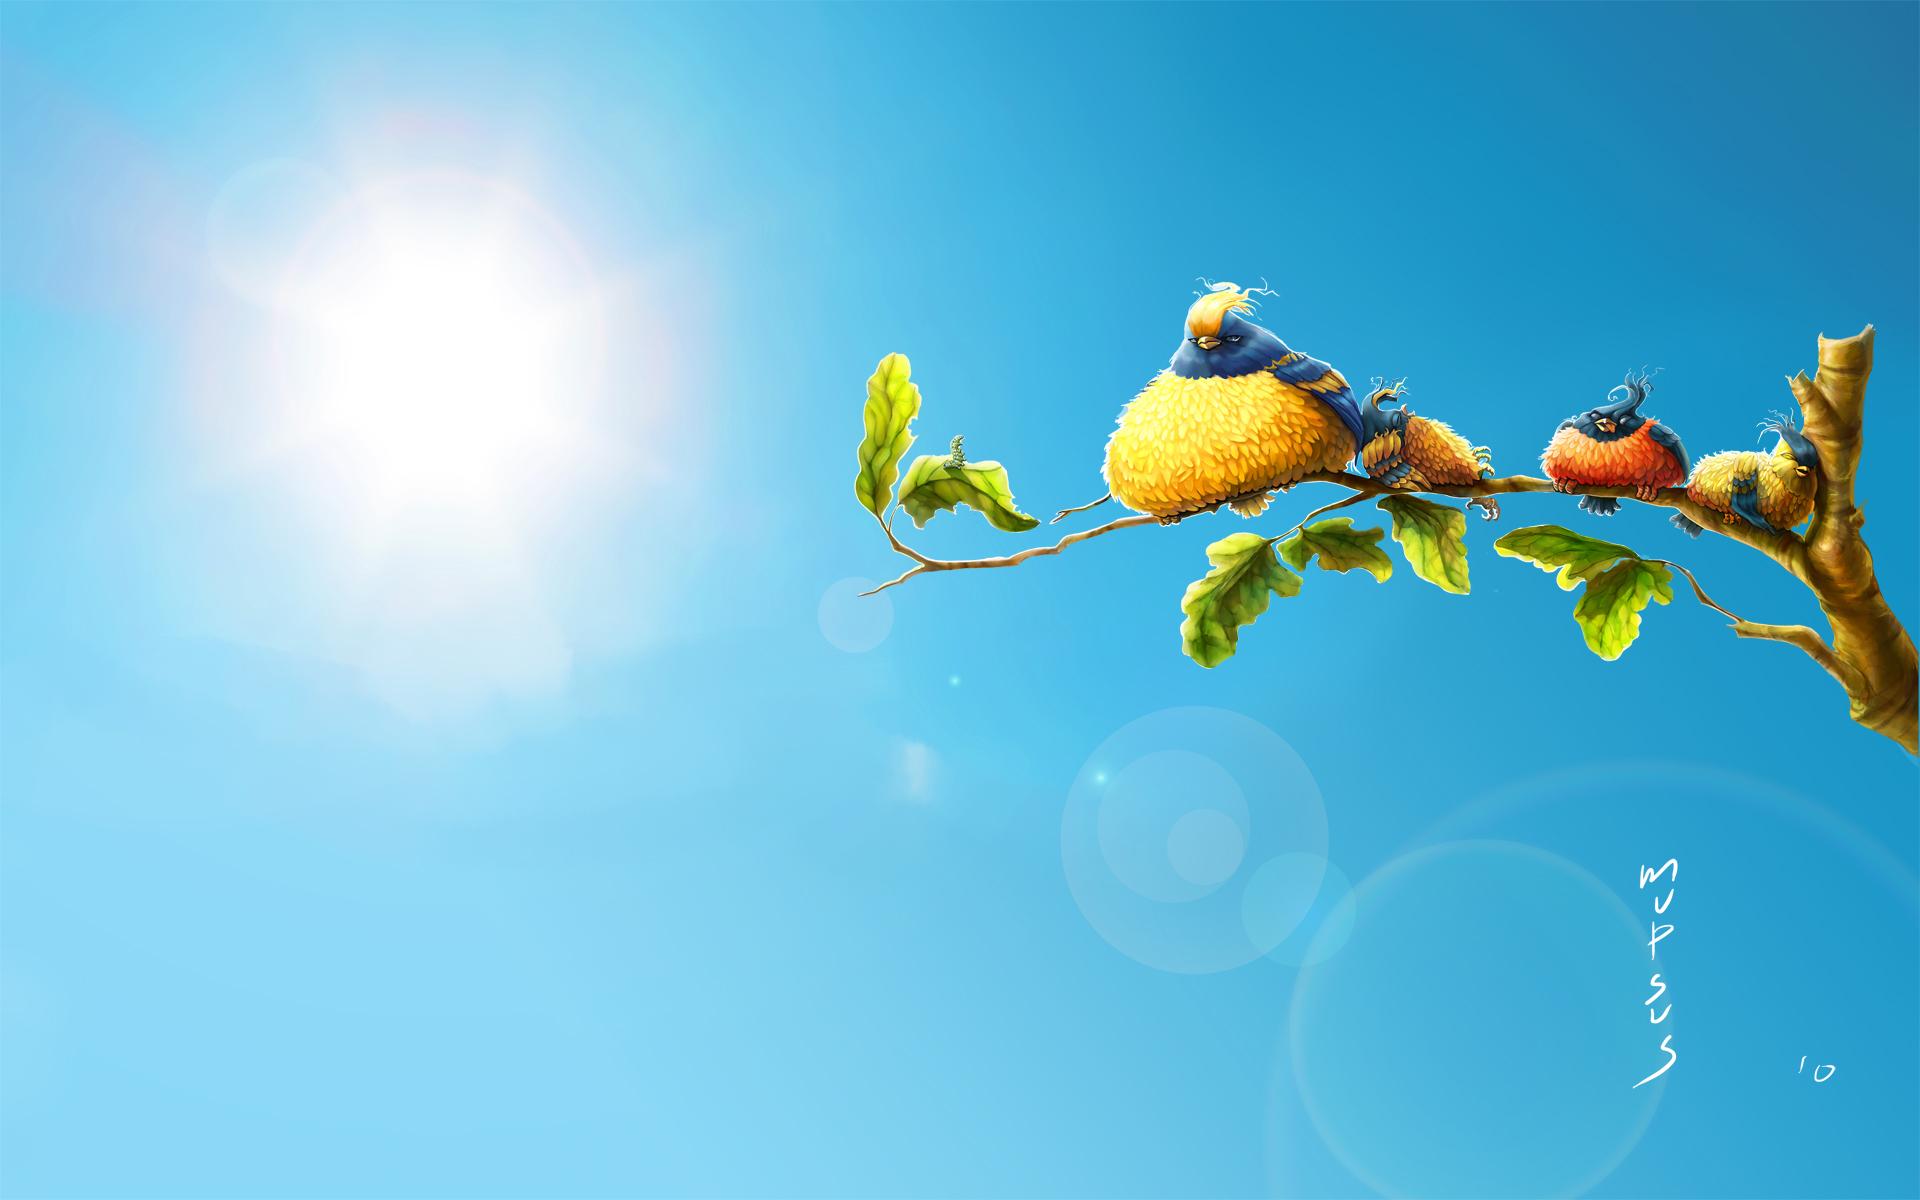 Пейзаж лето жара птички красивые обои